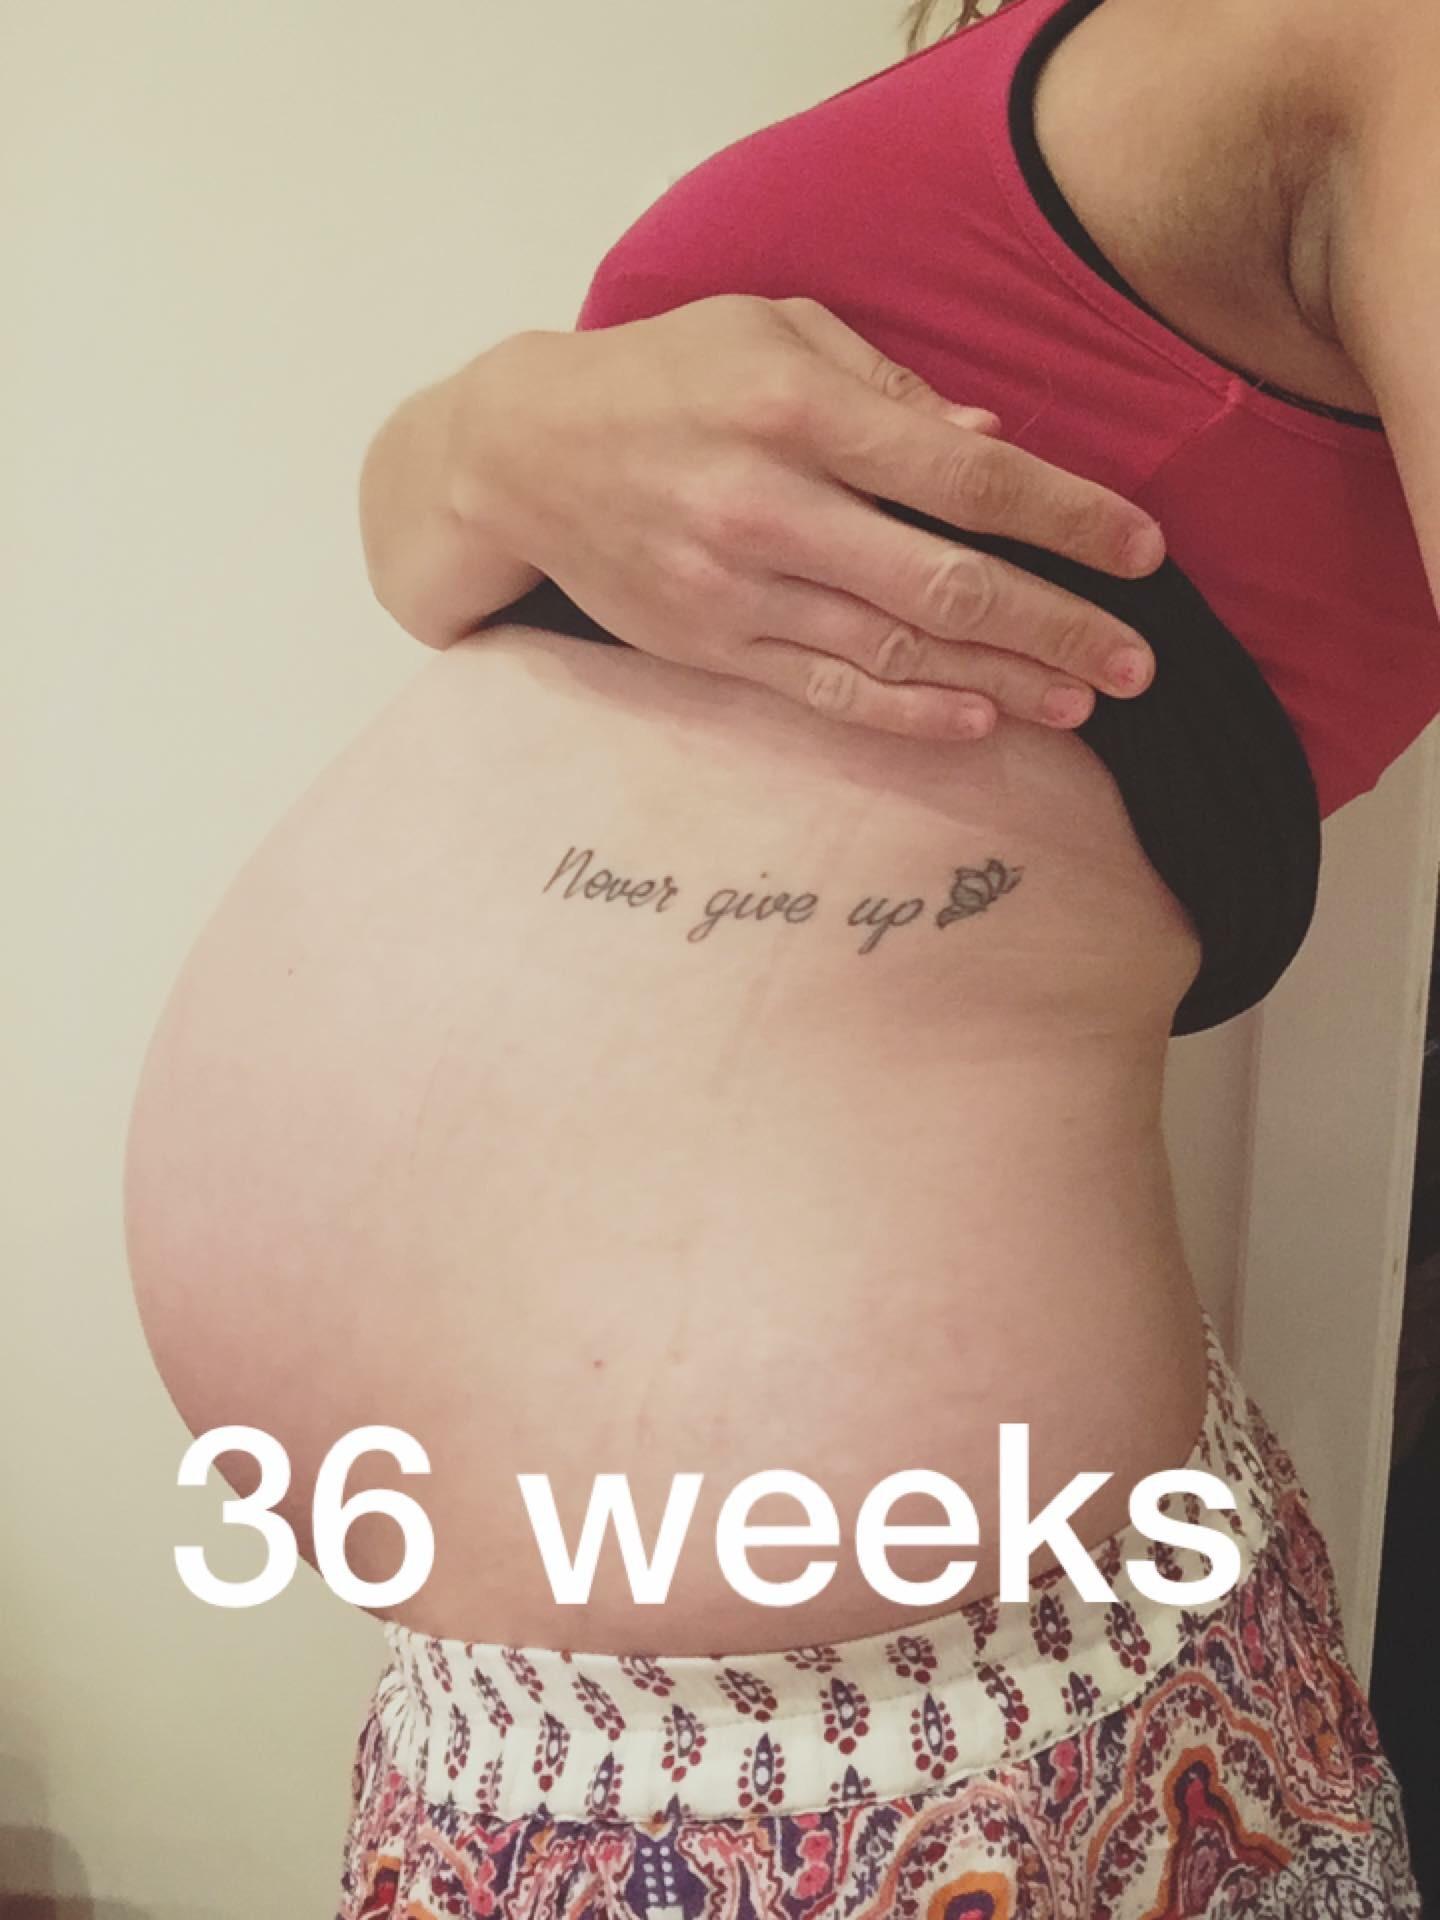 Pregnancy Diary – 36 Weeks – evenangelsfall